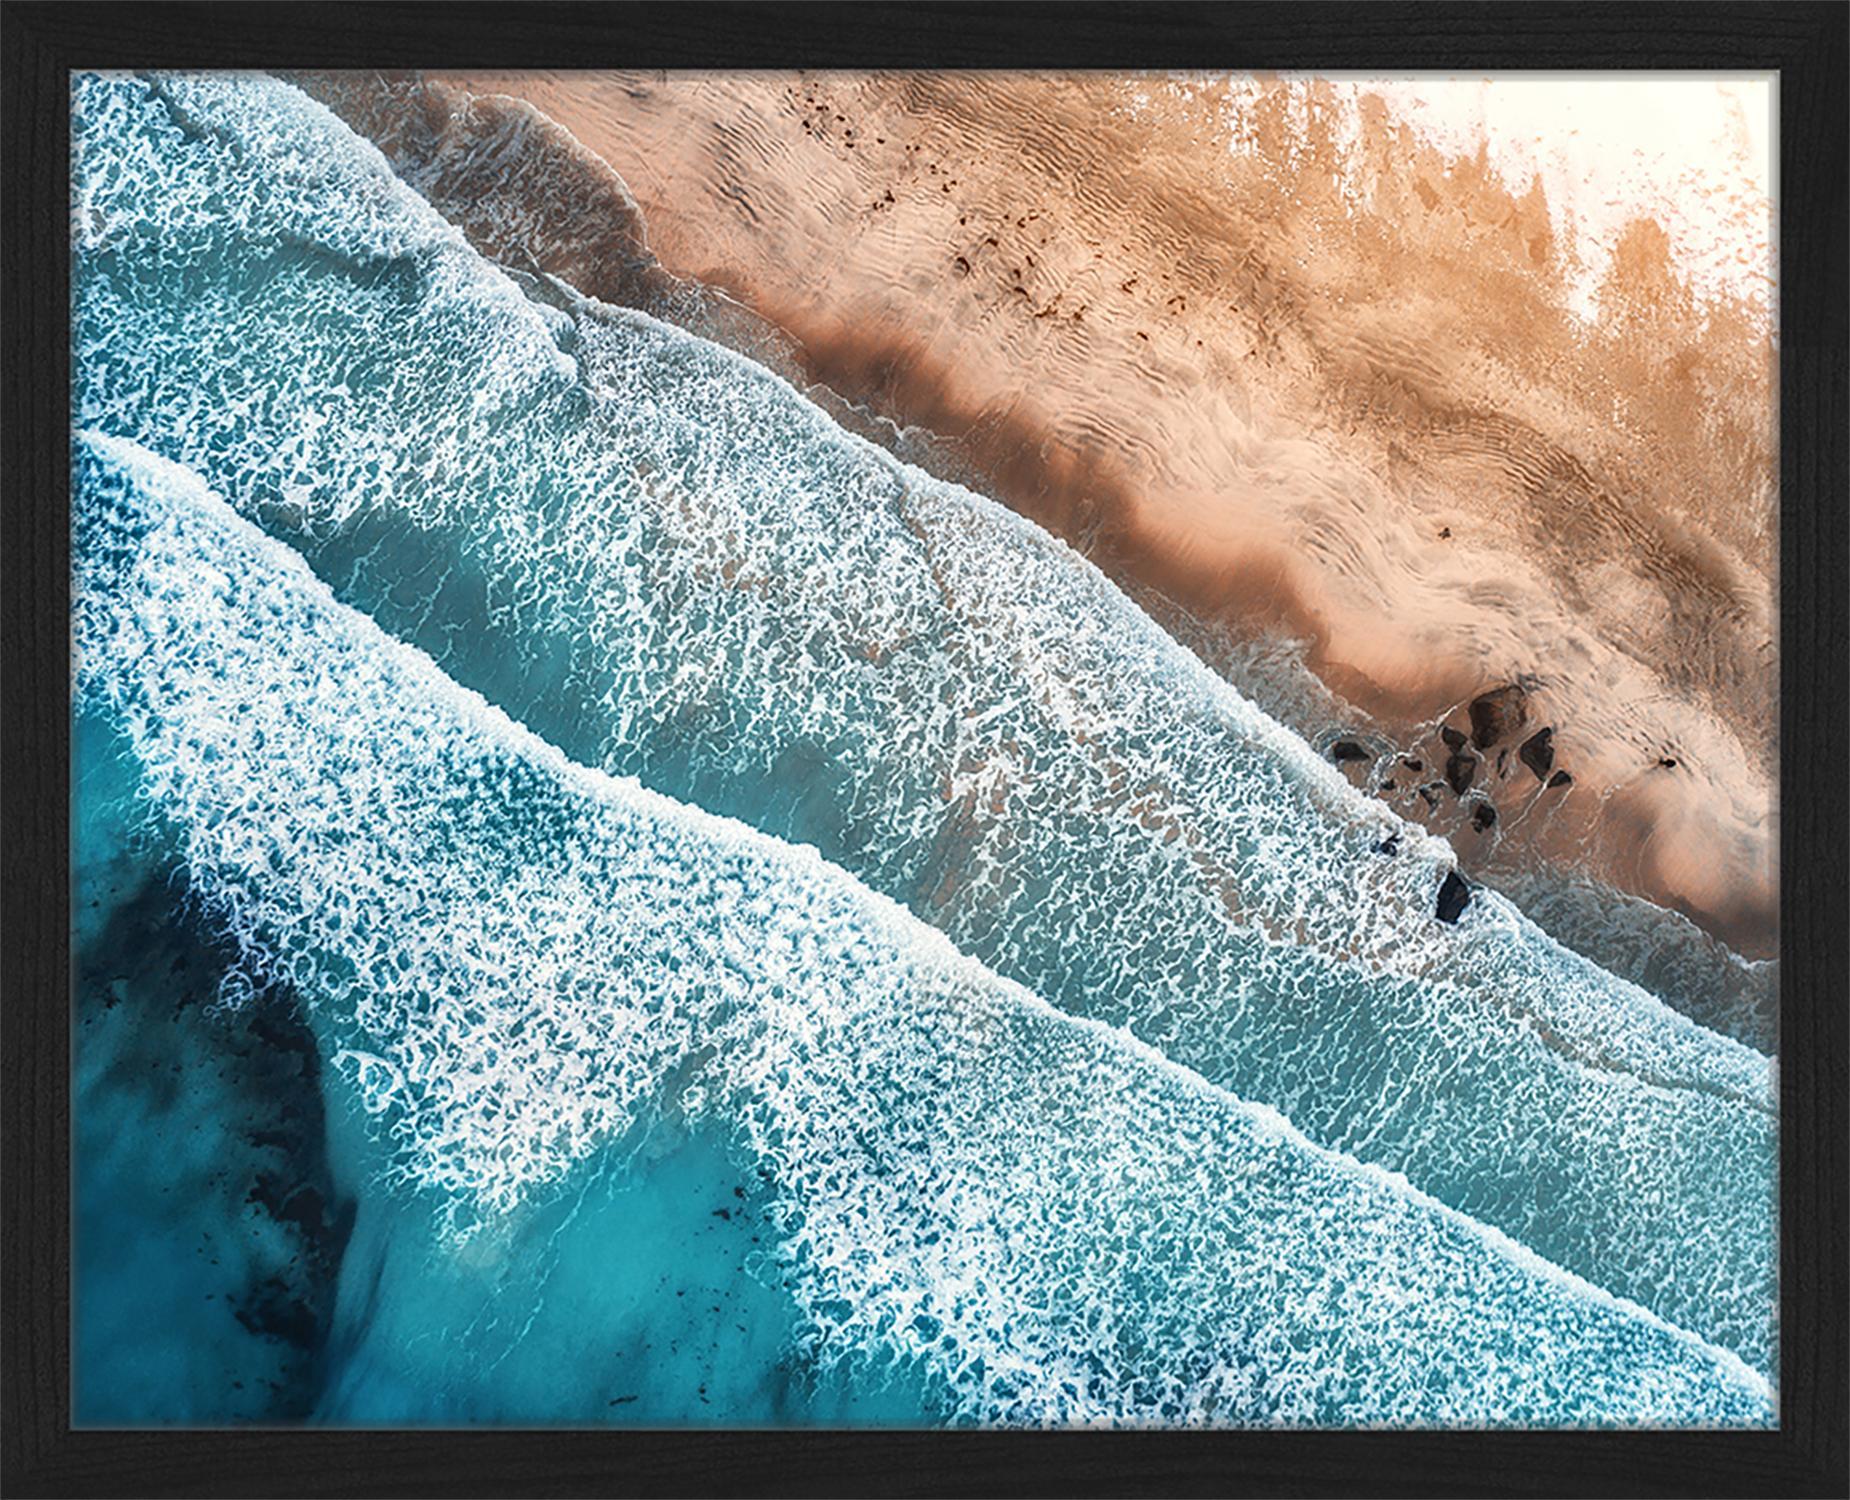 Stampa digitale incorniciata Aerial View Of Mediterranean Sea, Immagine: stampa digitale su carta,, Cornice: legno verniciato, Multicolore, Larg. 53 x Alt. 43 cm